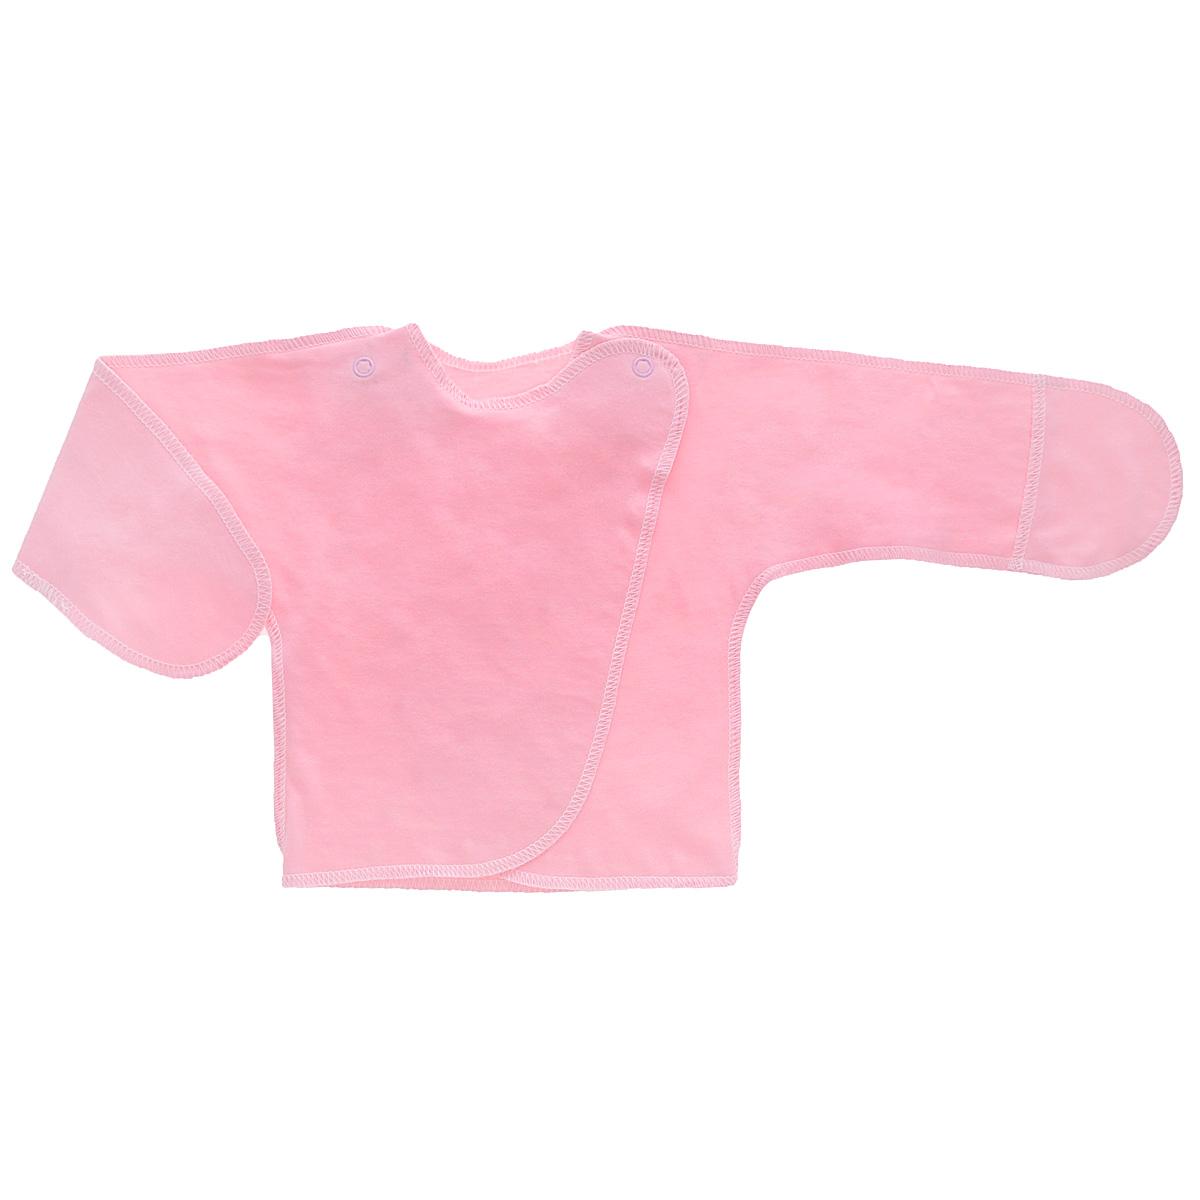 Распашонка Трон-плюс, цвет: розовый. 5003. Размер 50, 0-1 месяц